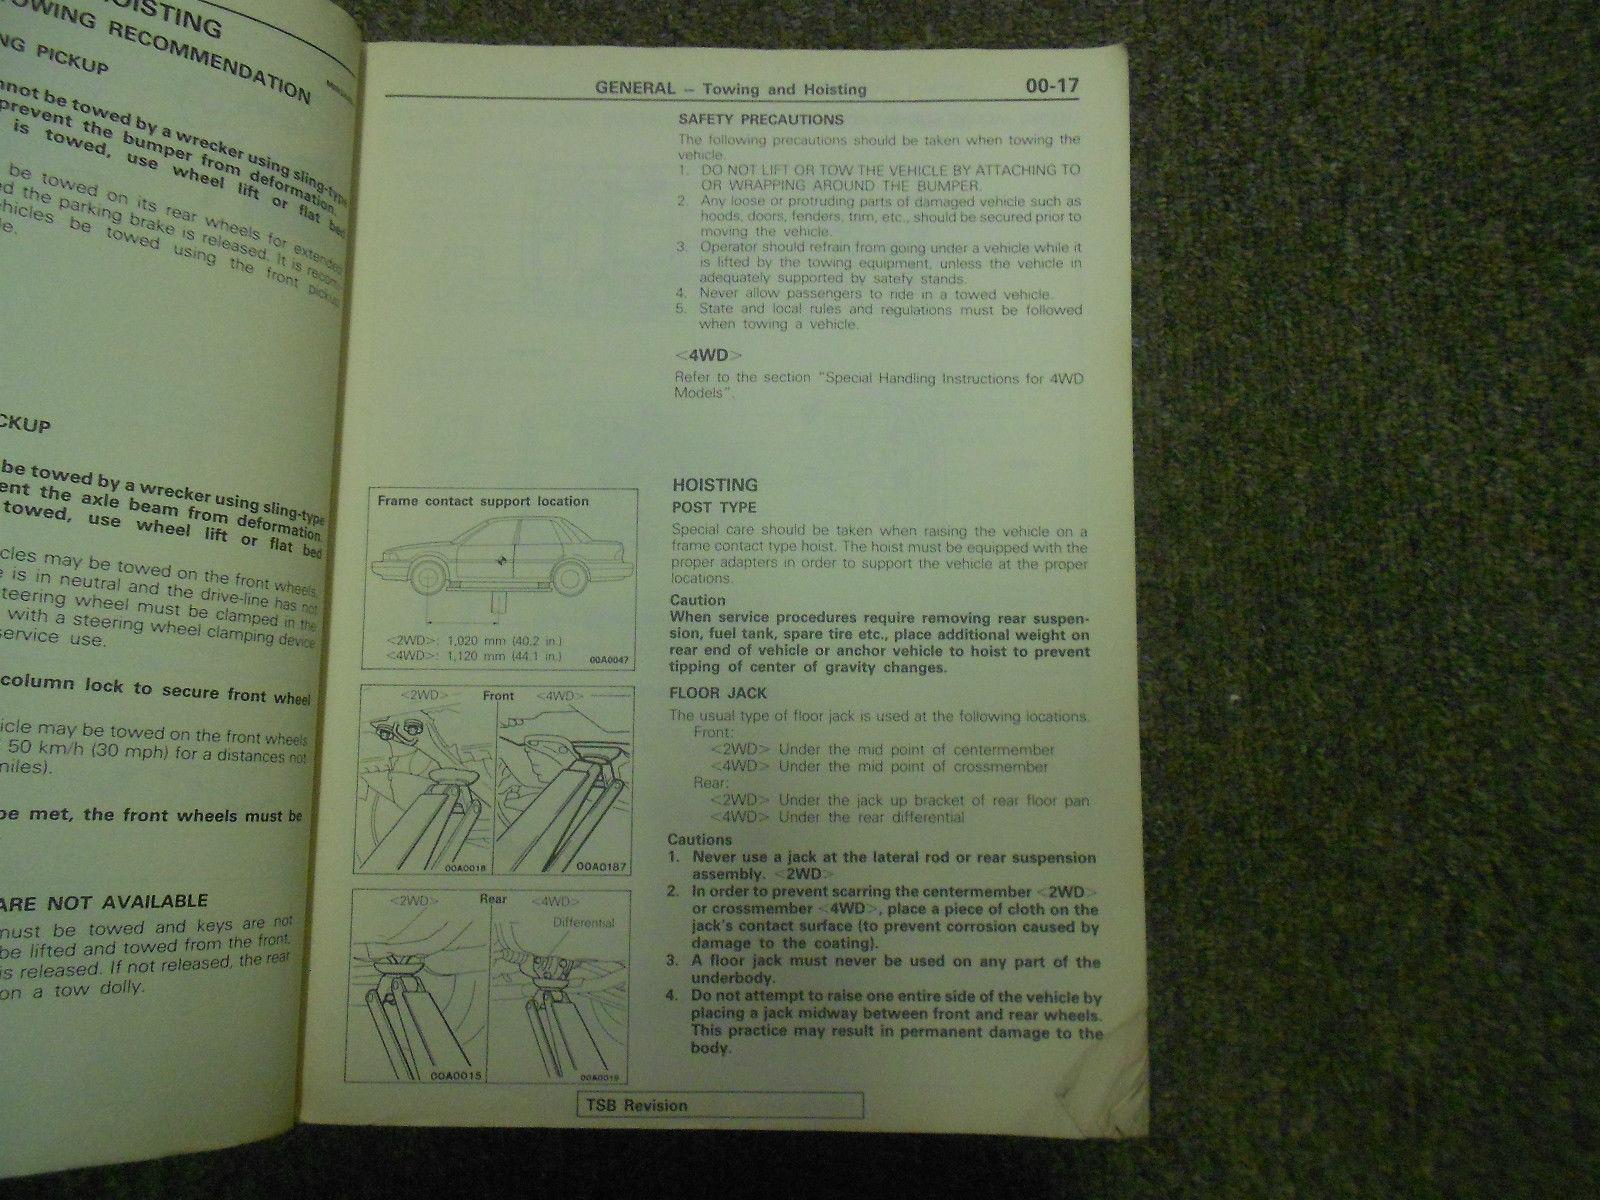 1989 1990 mitsubishi galant service manual and 50 similar items rh bonanza com 2003 Mitsubishi Galant Wiring-Diagram 2003 Mitsubishi Galant Wiring-Diagram